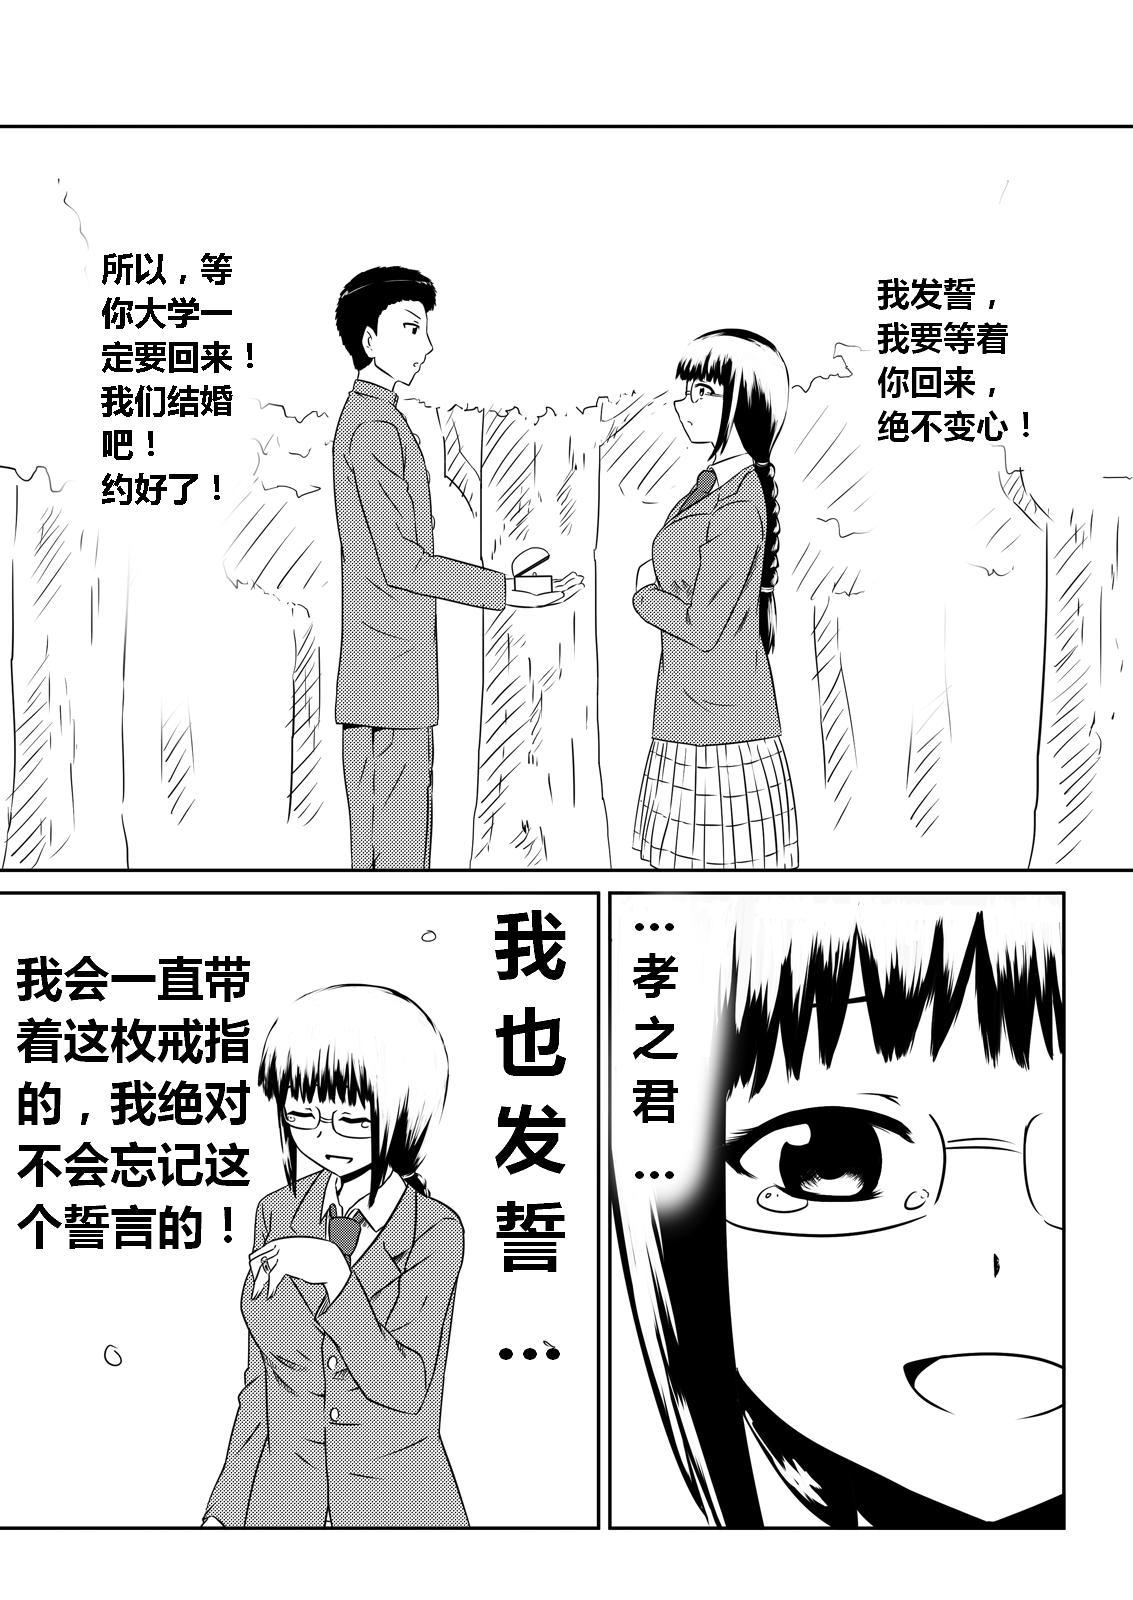 Ore no Kanojo ga Fuuzokujou ni Natta Riyuu | 女朋友下海拍片了 4